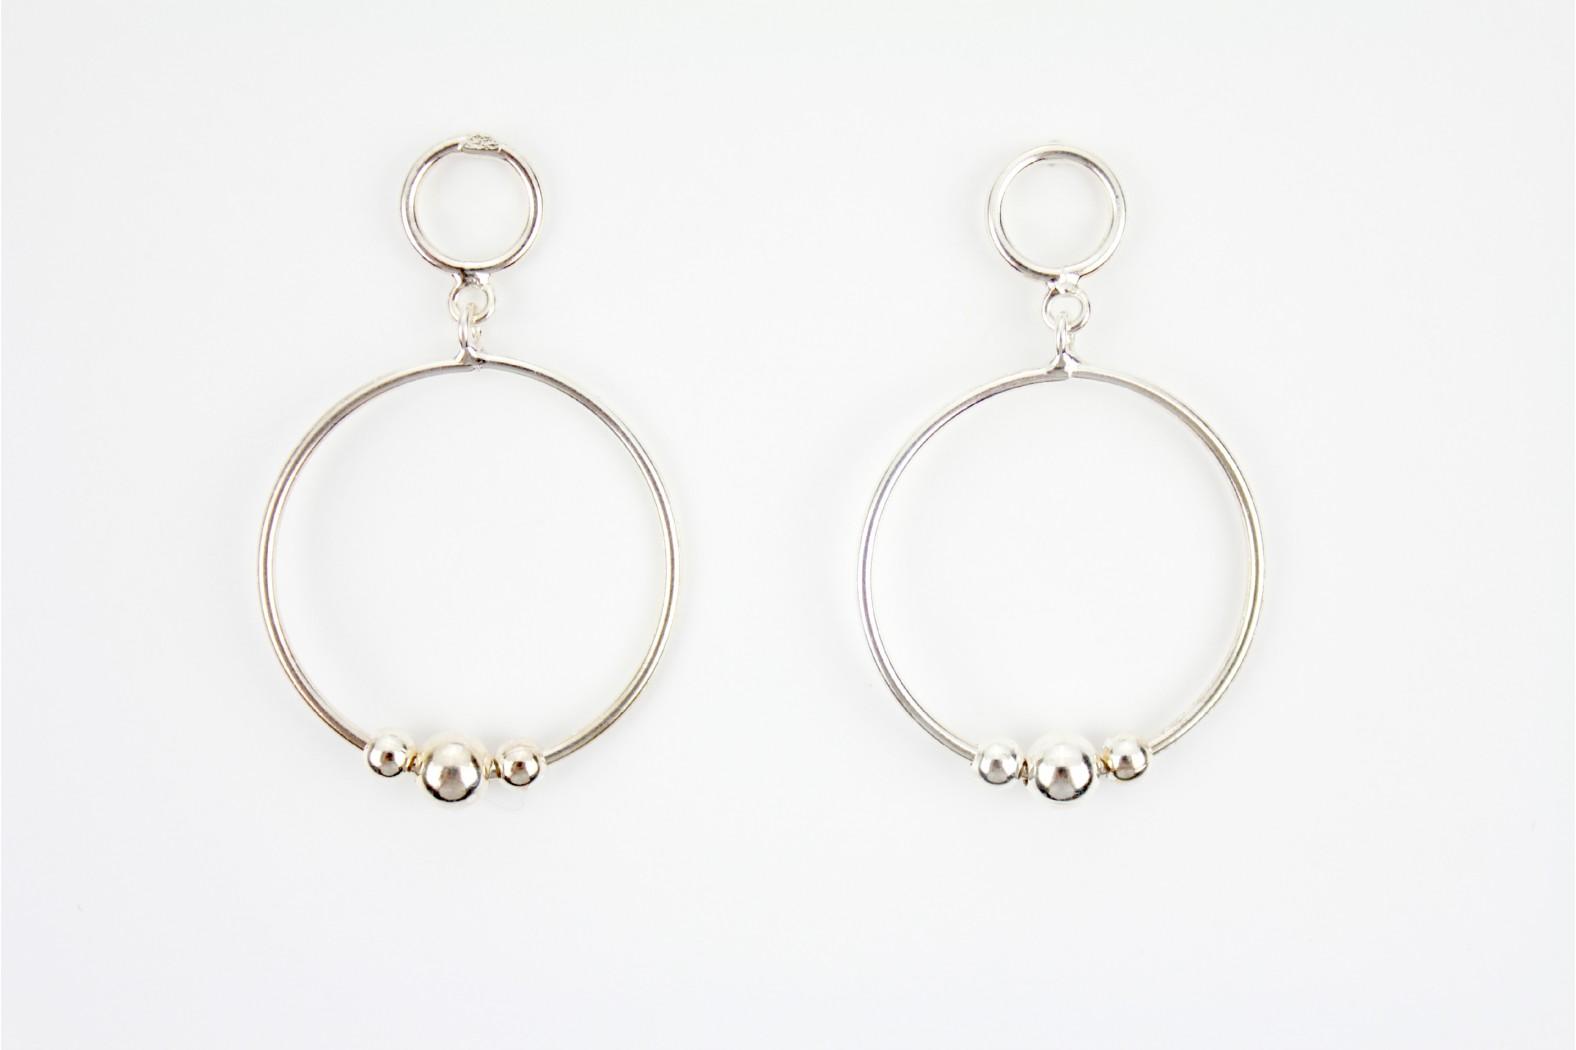 Drop Stud Contemporary Circular Silver earrings